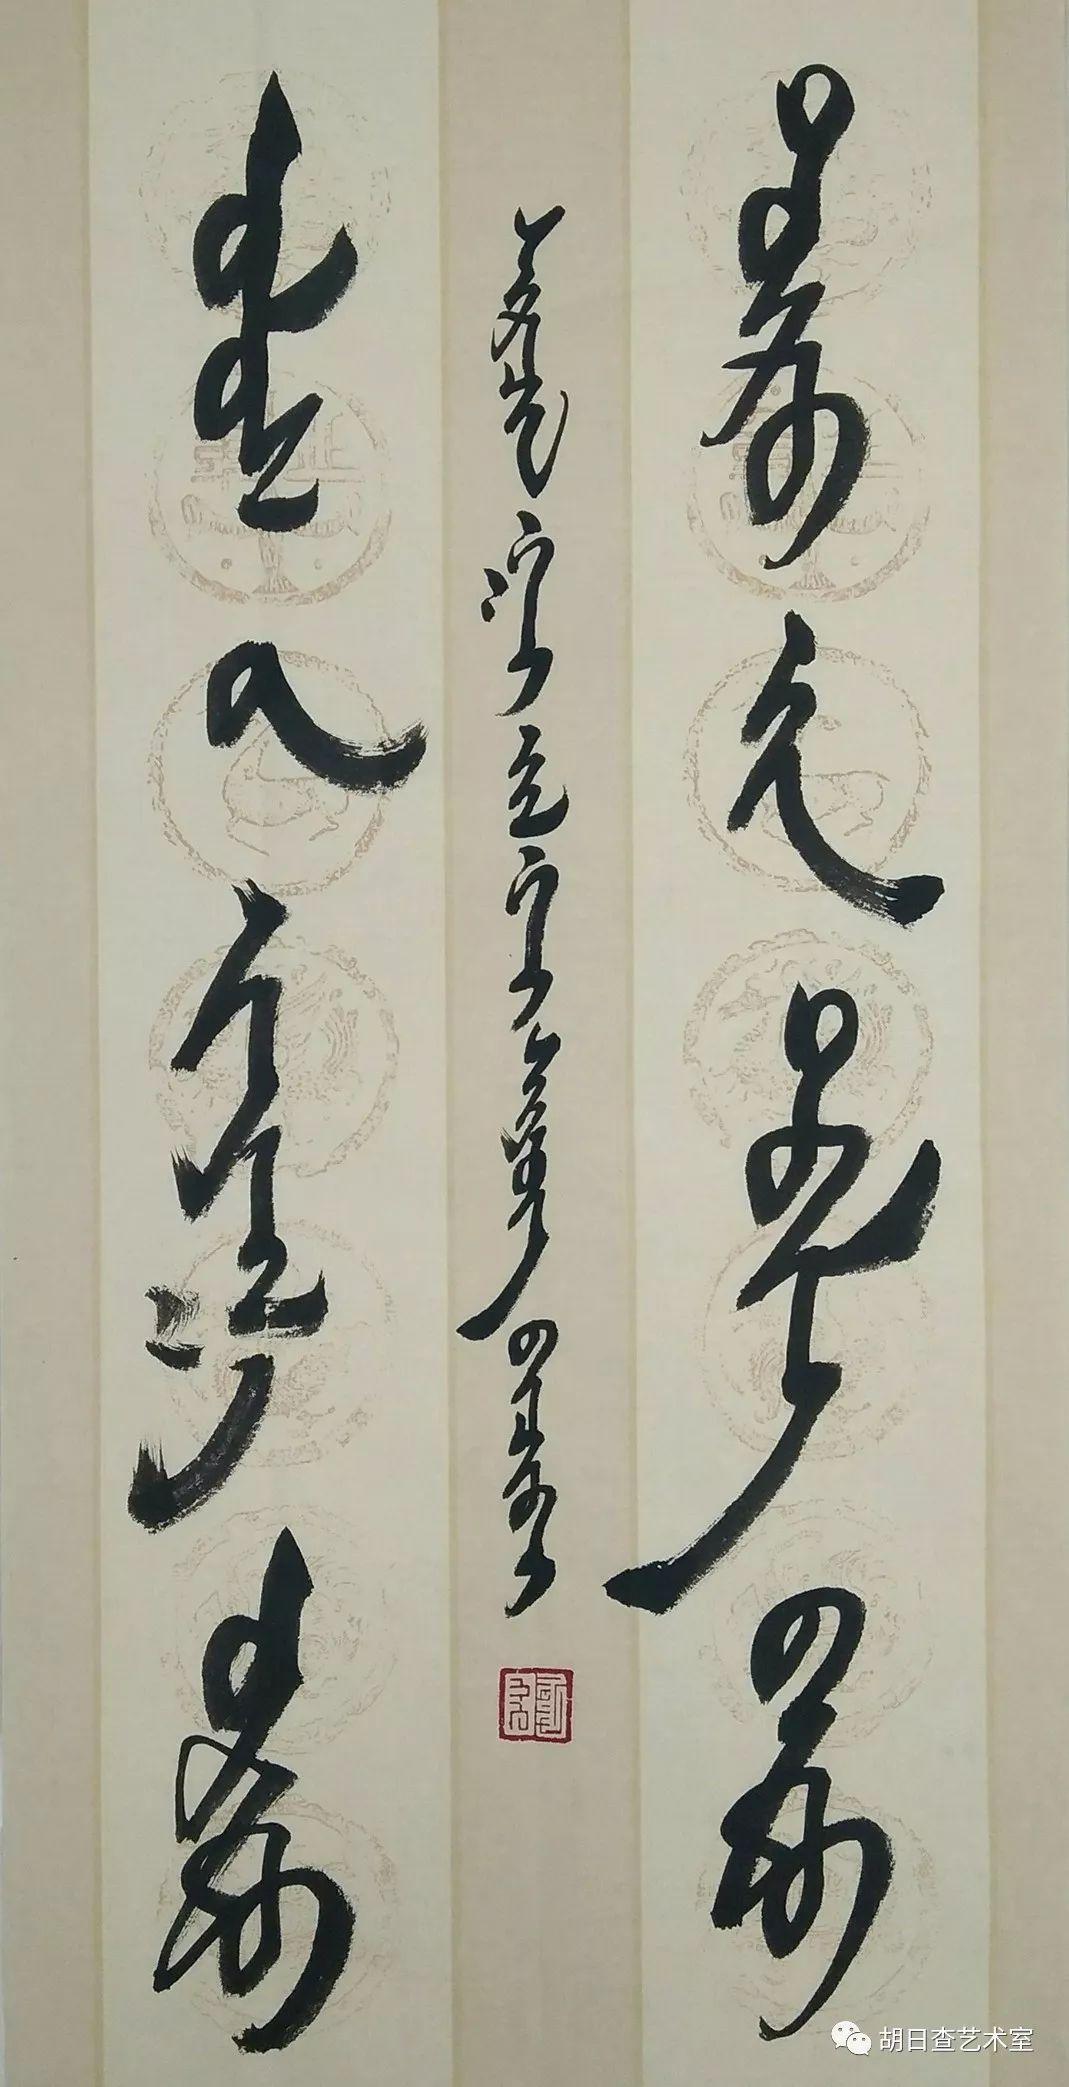 海雄 • 蒙古文书法作品欣赏 第7张